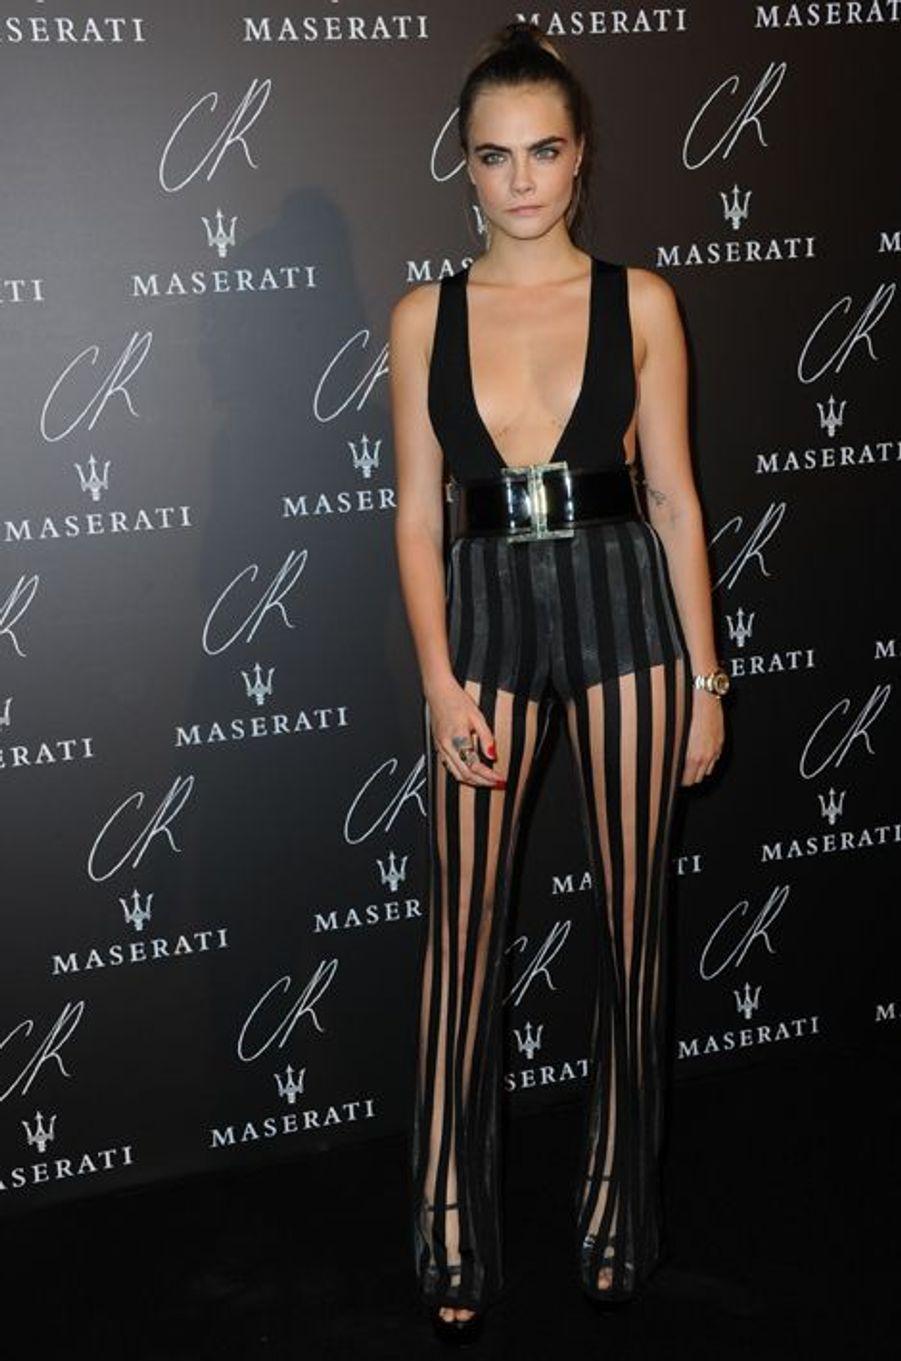 Cara Delevingne à la soirée CR Fashion Book organisée à Paris le mardi 30 septembre 2014